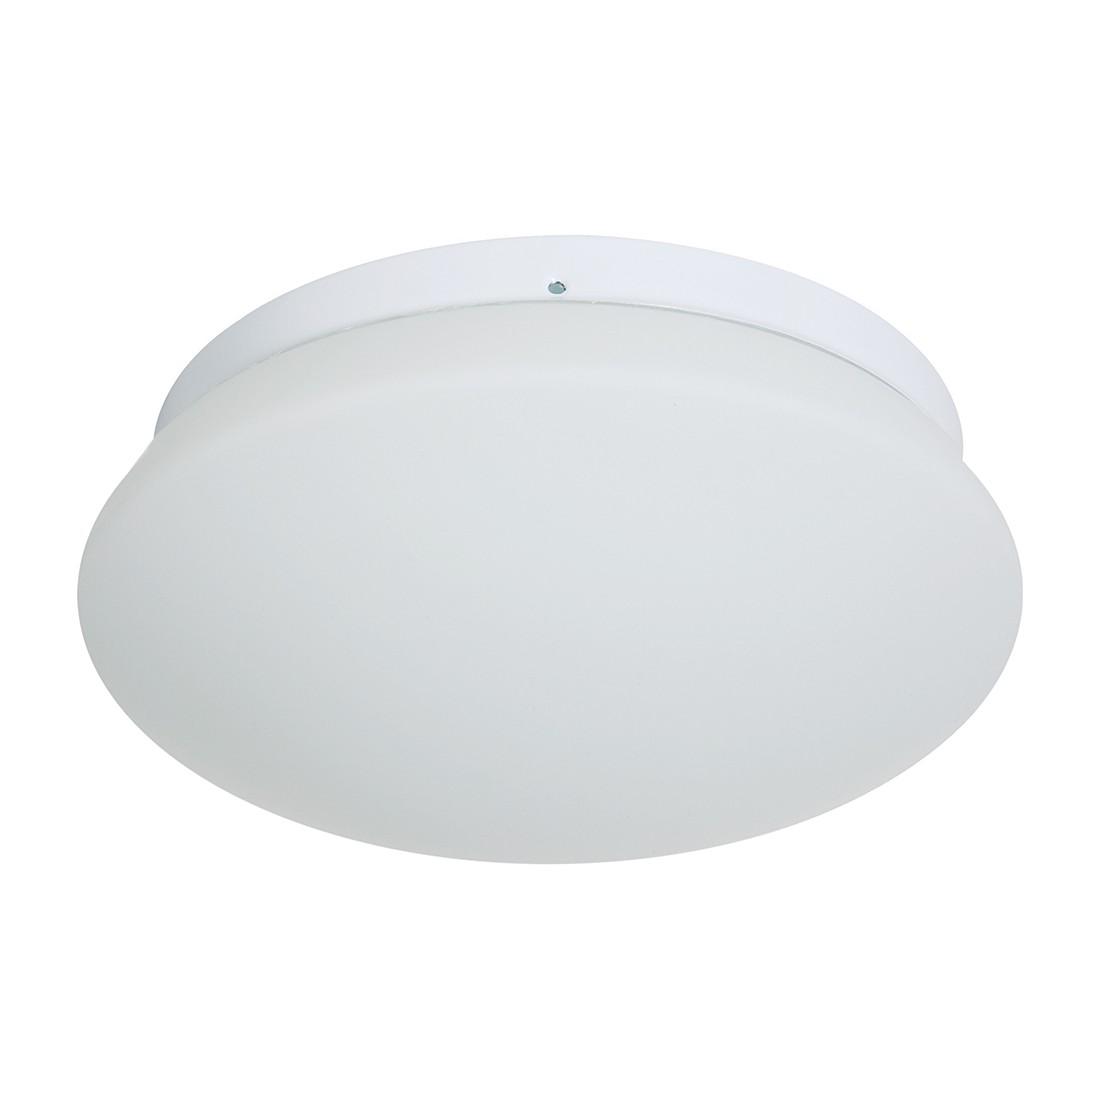 EEK A++, Deckenleuchte 1-flammig - Weiß Ø 21cm, Steinhauer